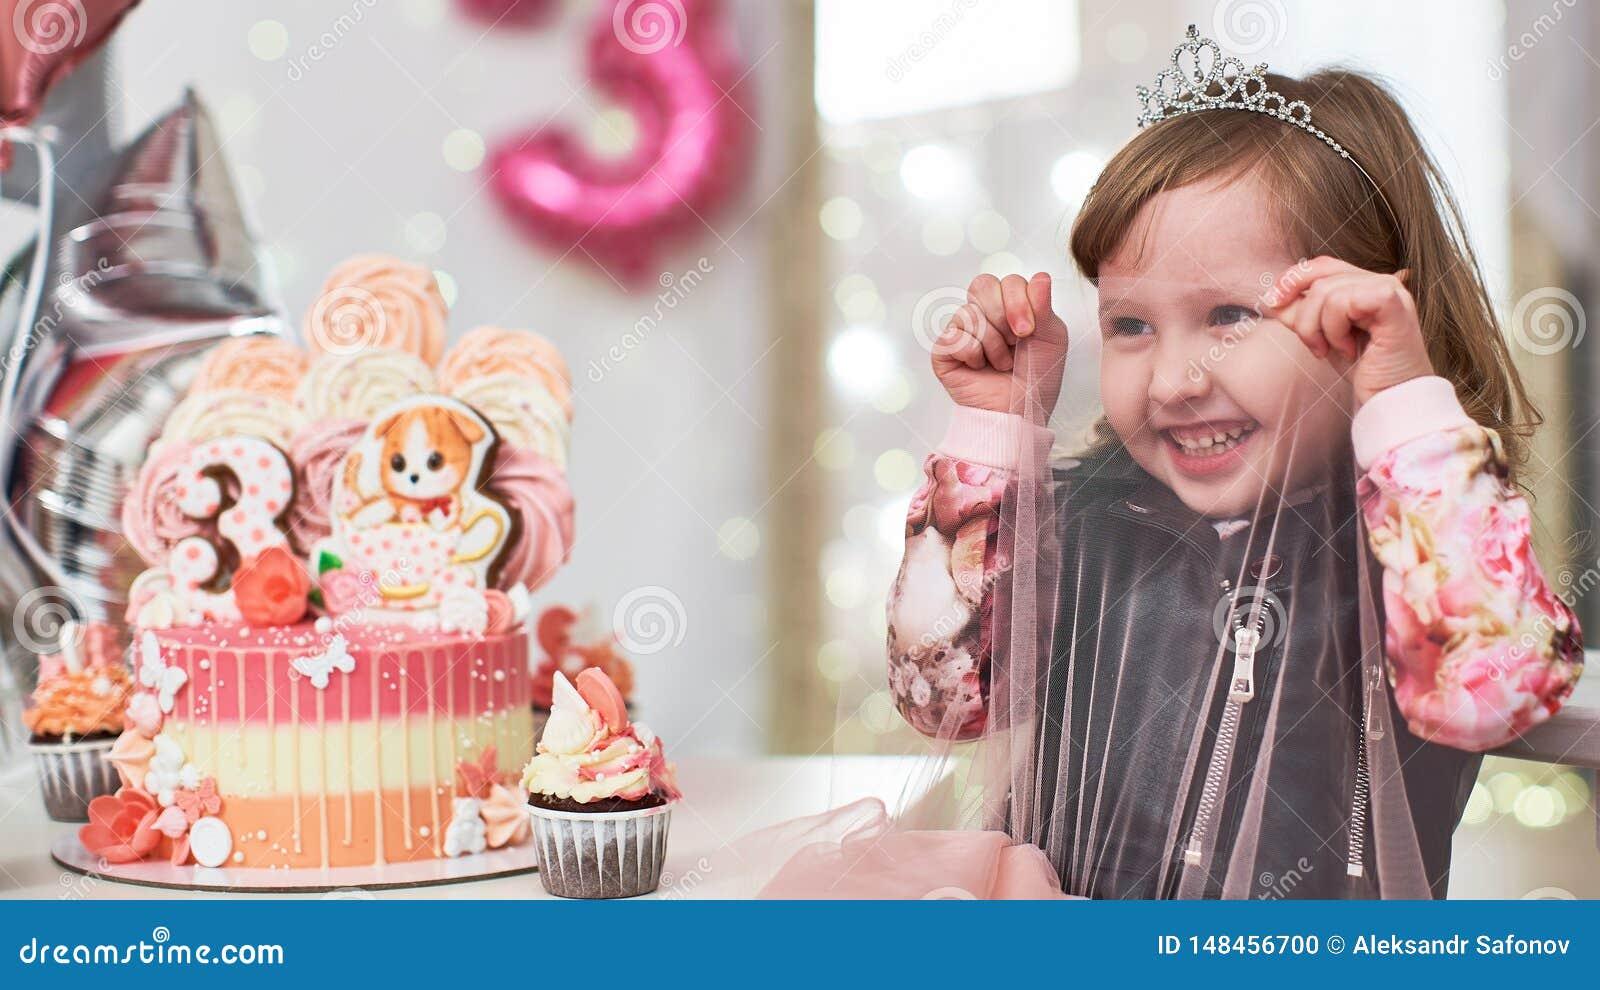 Geburtstagskuchen für 3 Jahre verziert mit Schmetterlingen, Lebkuchenkätzchen mit Zuckerglasur und der Nr. drei Meringe blaß - ro